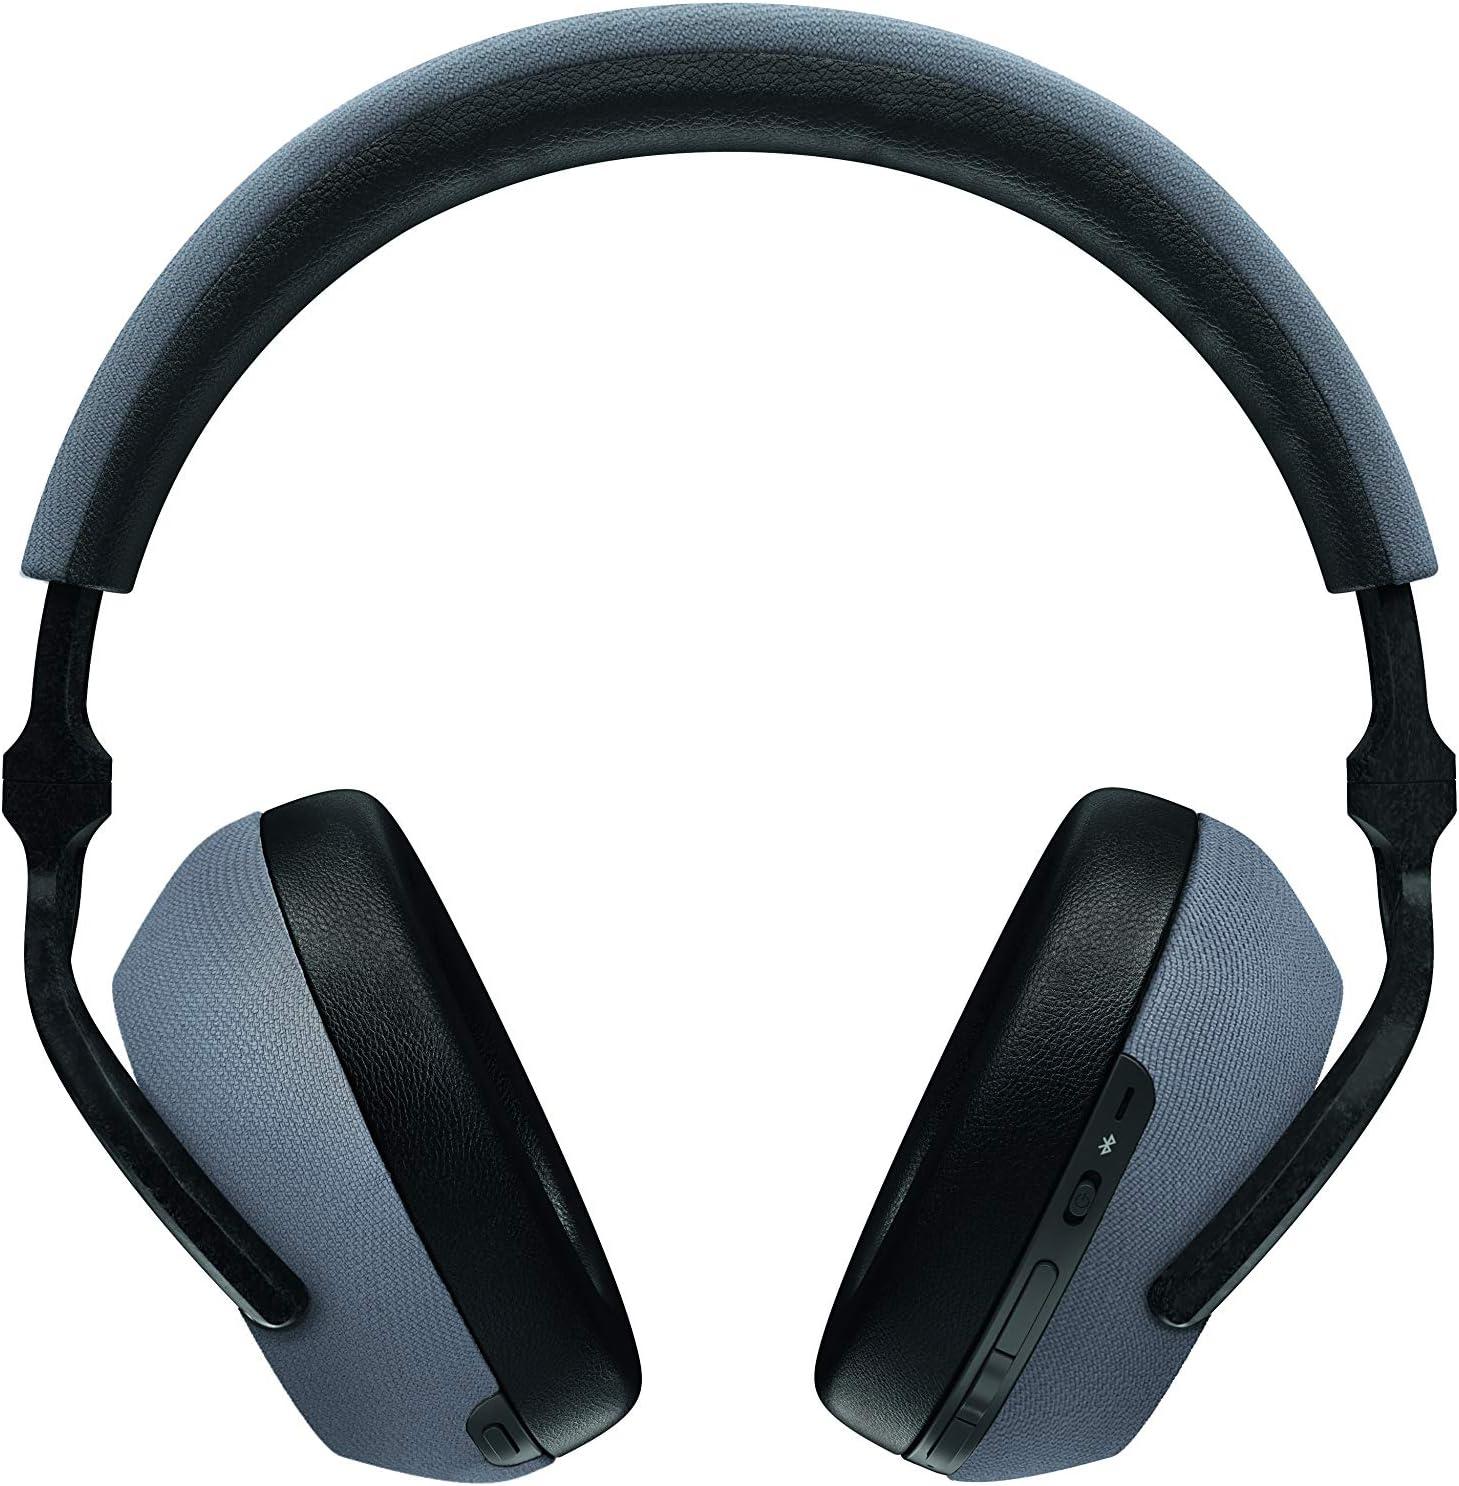 Bowers & Wilkins PX7 cascos con cancelación de ruido